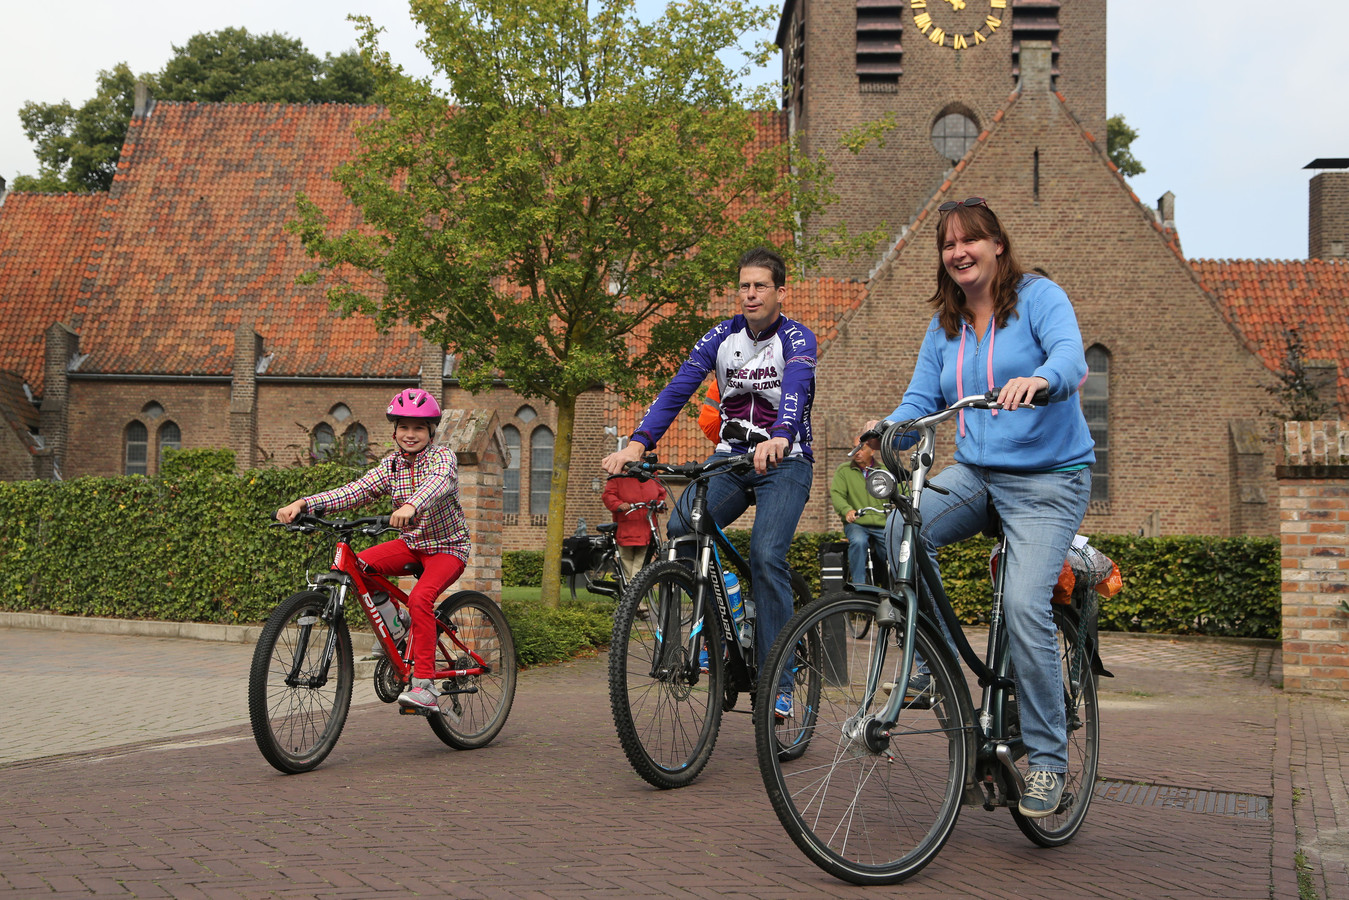 Burgemeester Joost van Oostrum met zijn vrouw Jacqueline en dochter Monika op de fiets in Eibergen, in 2014